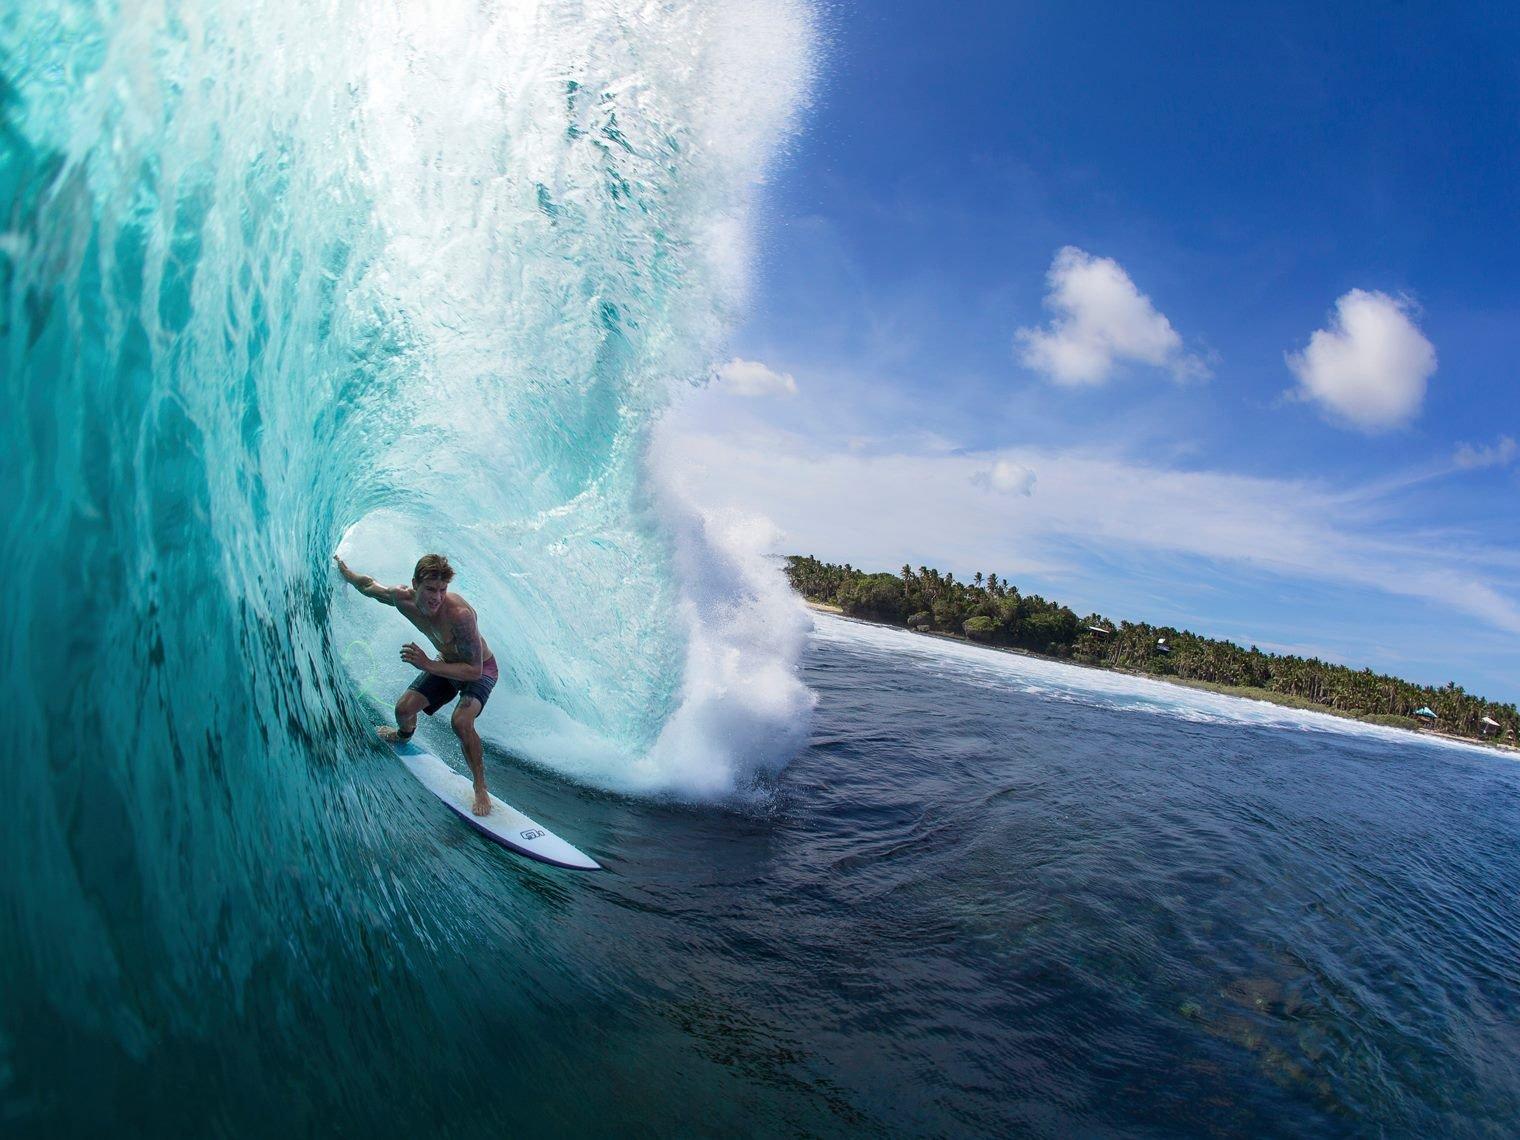 """Wer schon immer von solchen Wellen geträumt hat, ist auf Siargao genau richtig! (Aber keine Sorge, es gibt auch ein paar """"benutzerfreundlichere"""" Breaks...)"""